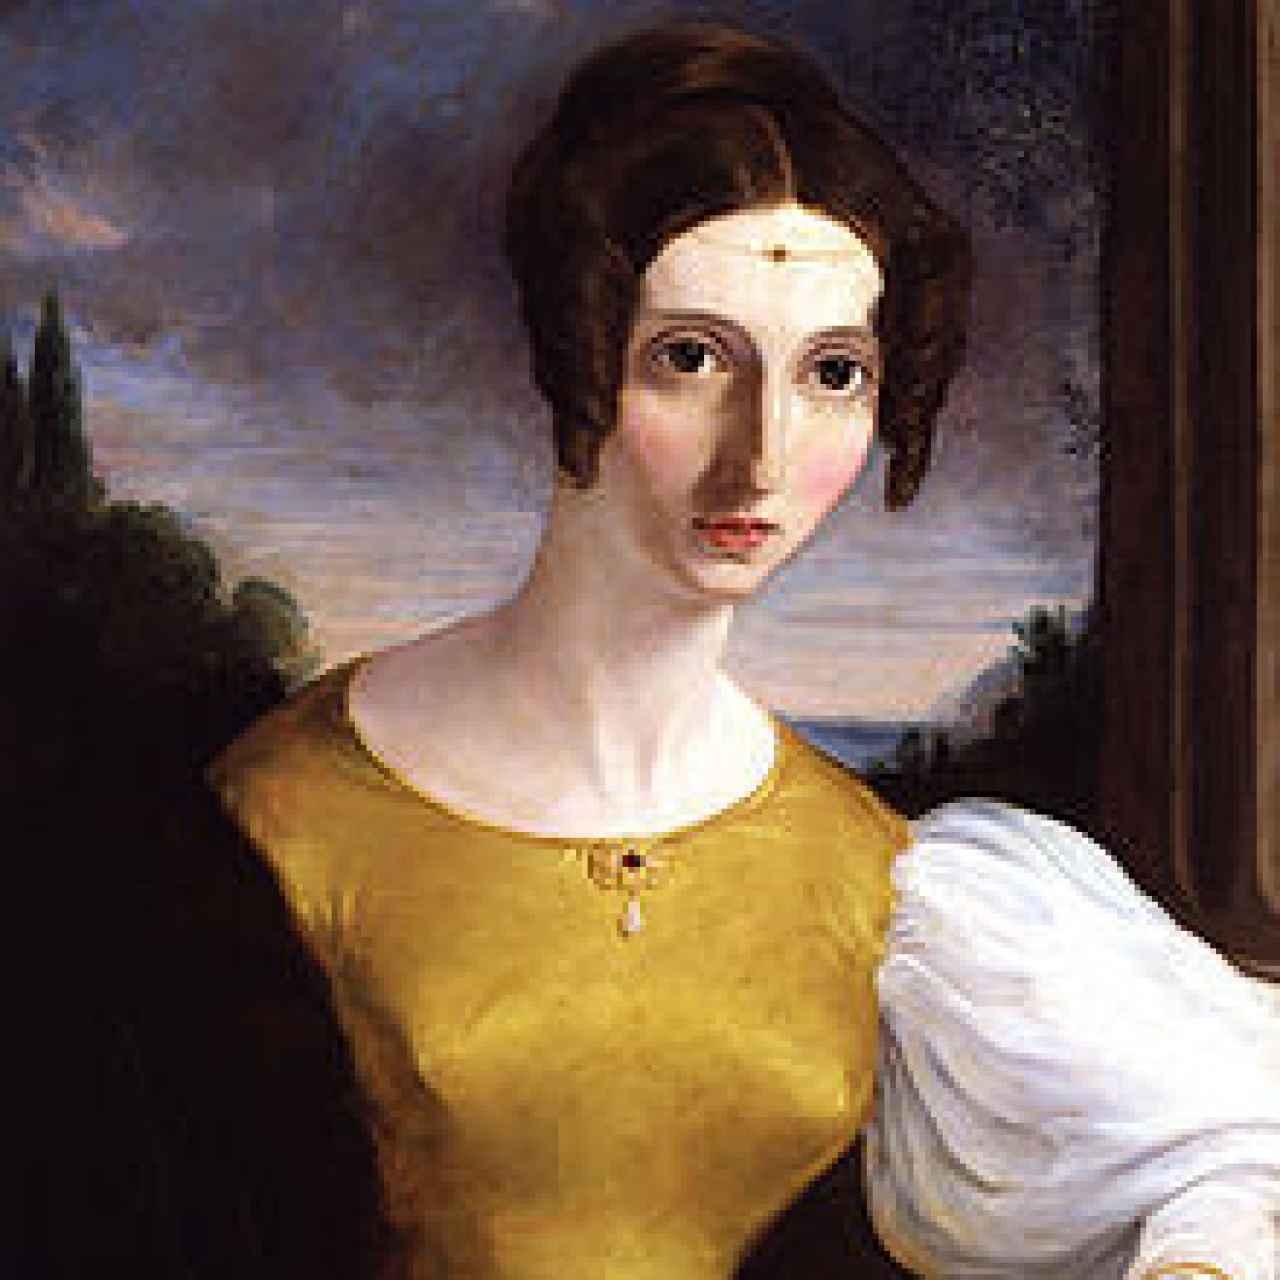 Harriet Taylor Mill, filósofa inglesa y defensora de los derechos de las mujeres nacida en 1807.